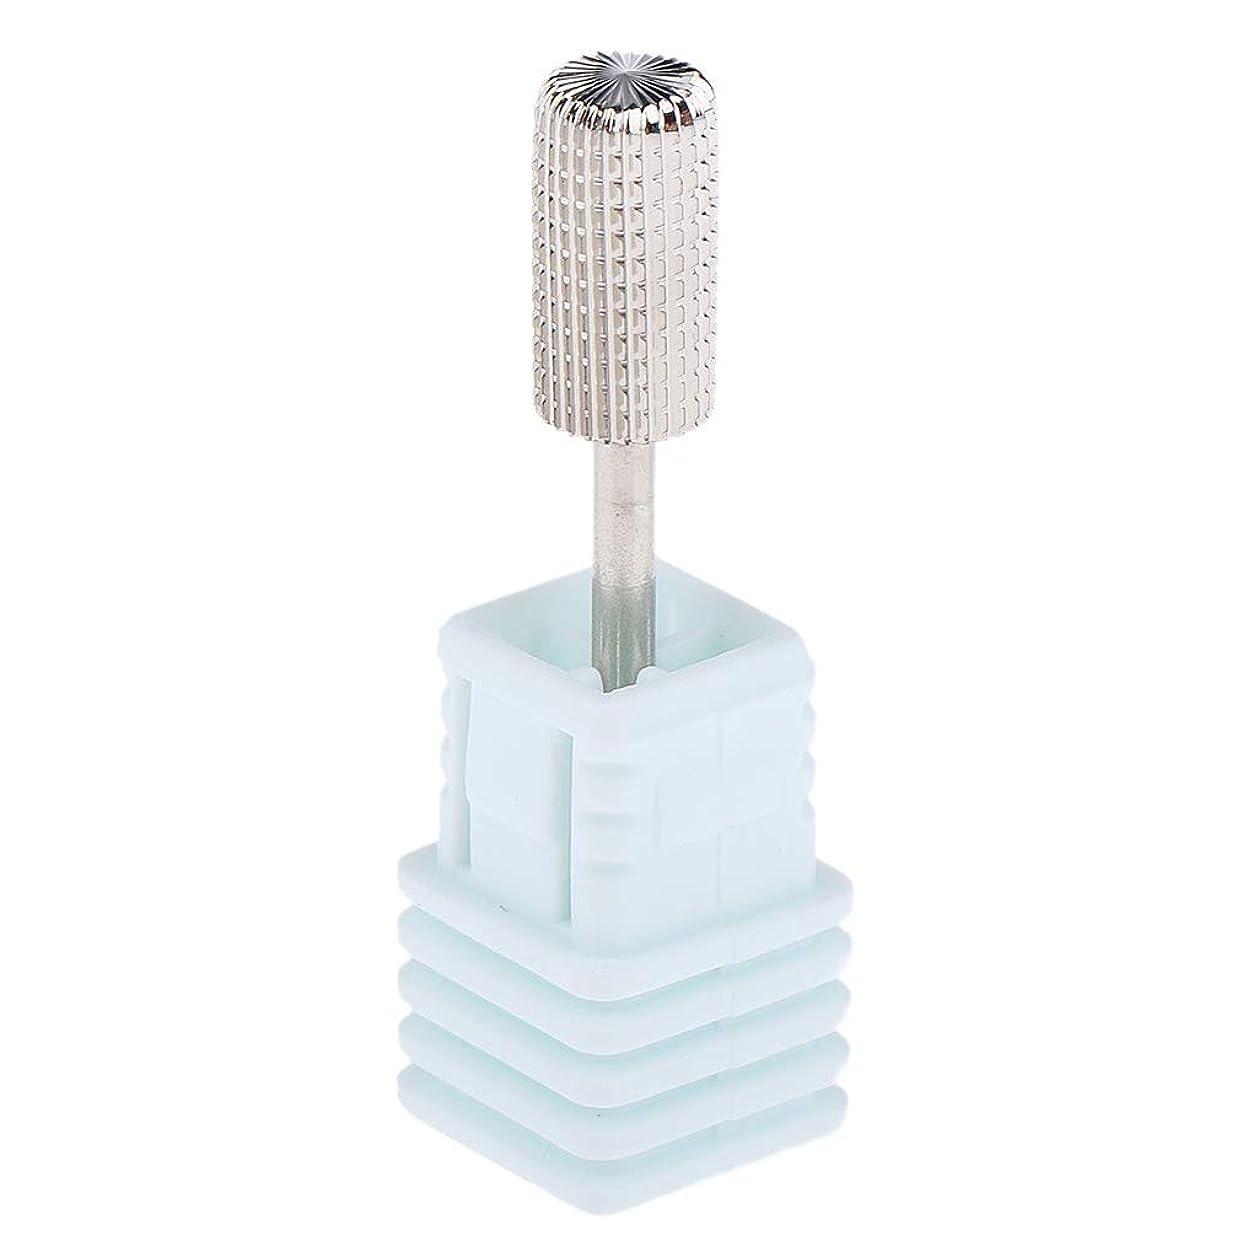 伸ばすうねる不屈B Blesiya ネイルドリルビット 電動 粗研削工具 ネイルサロン 交換用 2色選べ - シルバーM